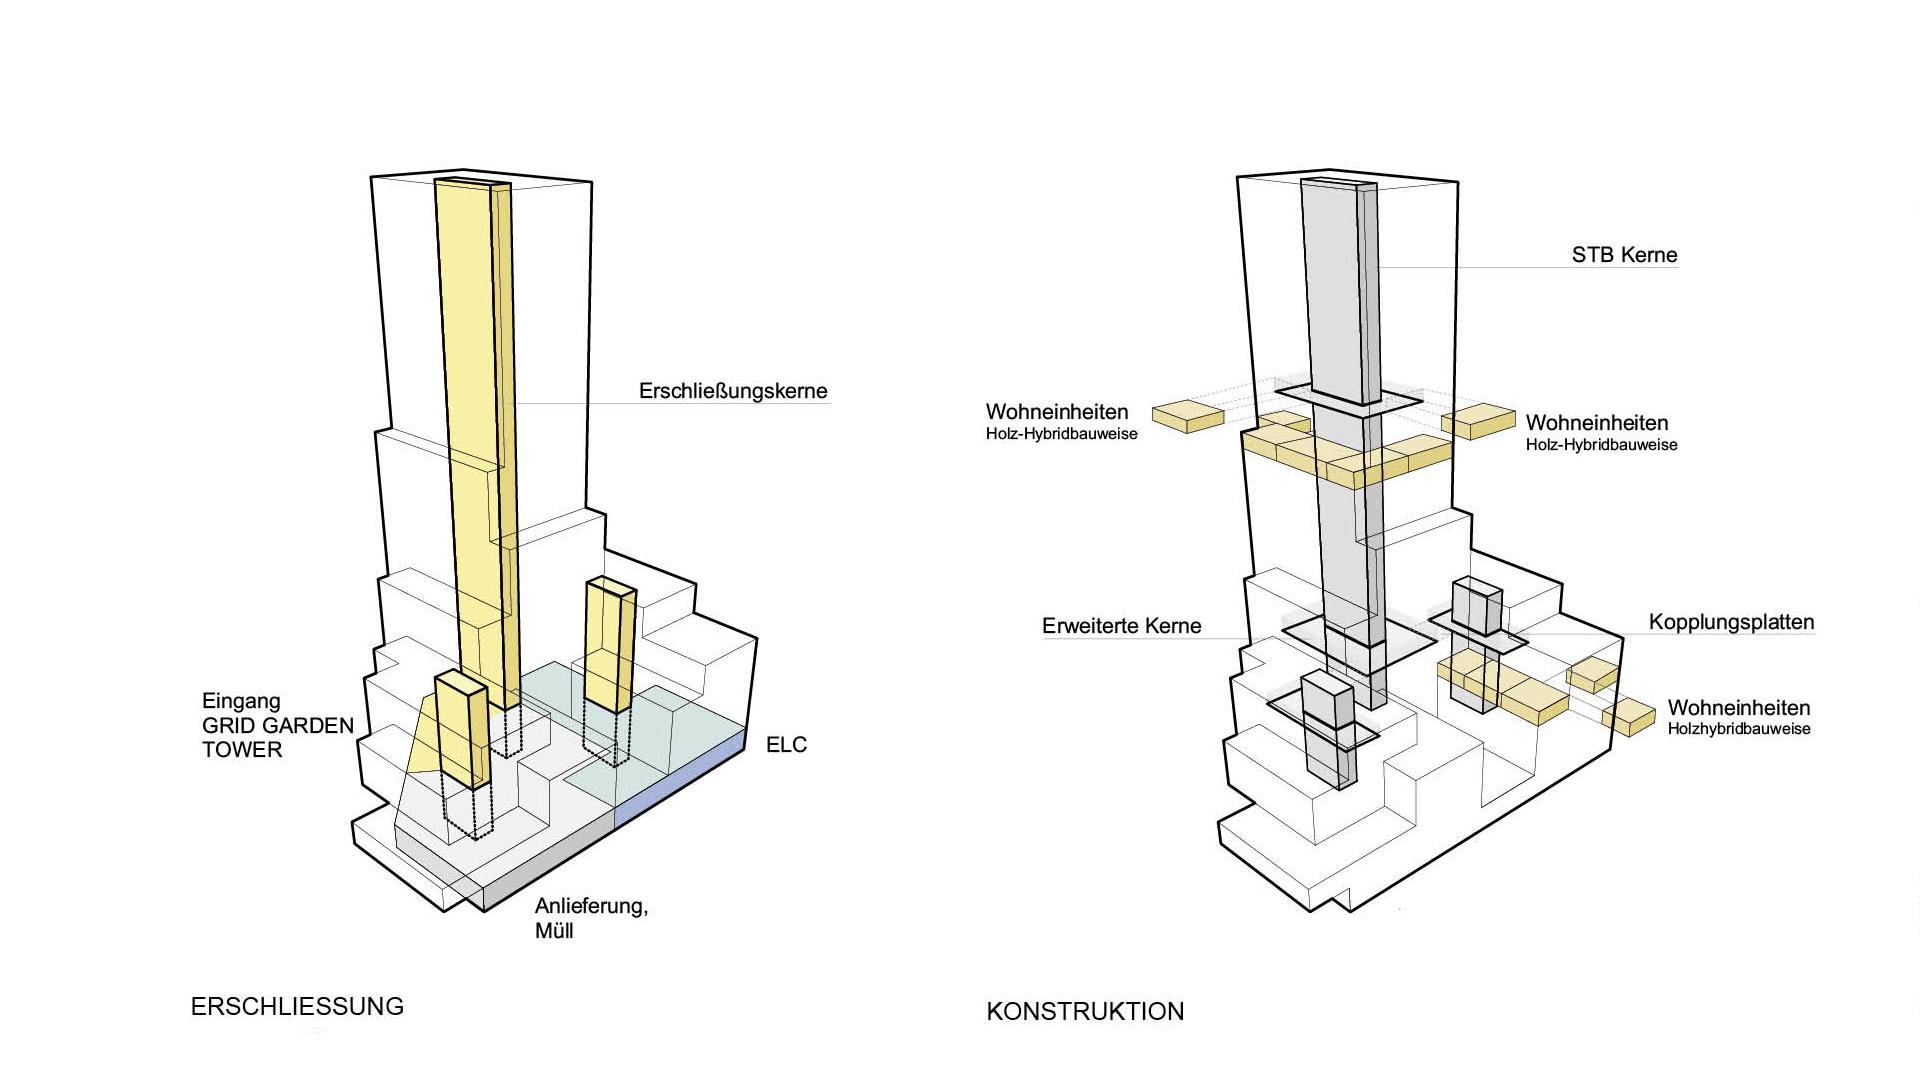 1646_WB-Bruckner-Towers-Linz_Schema-1-3